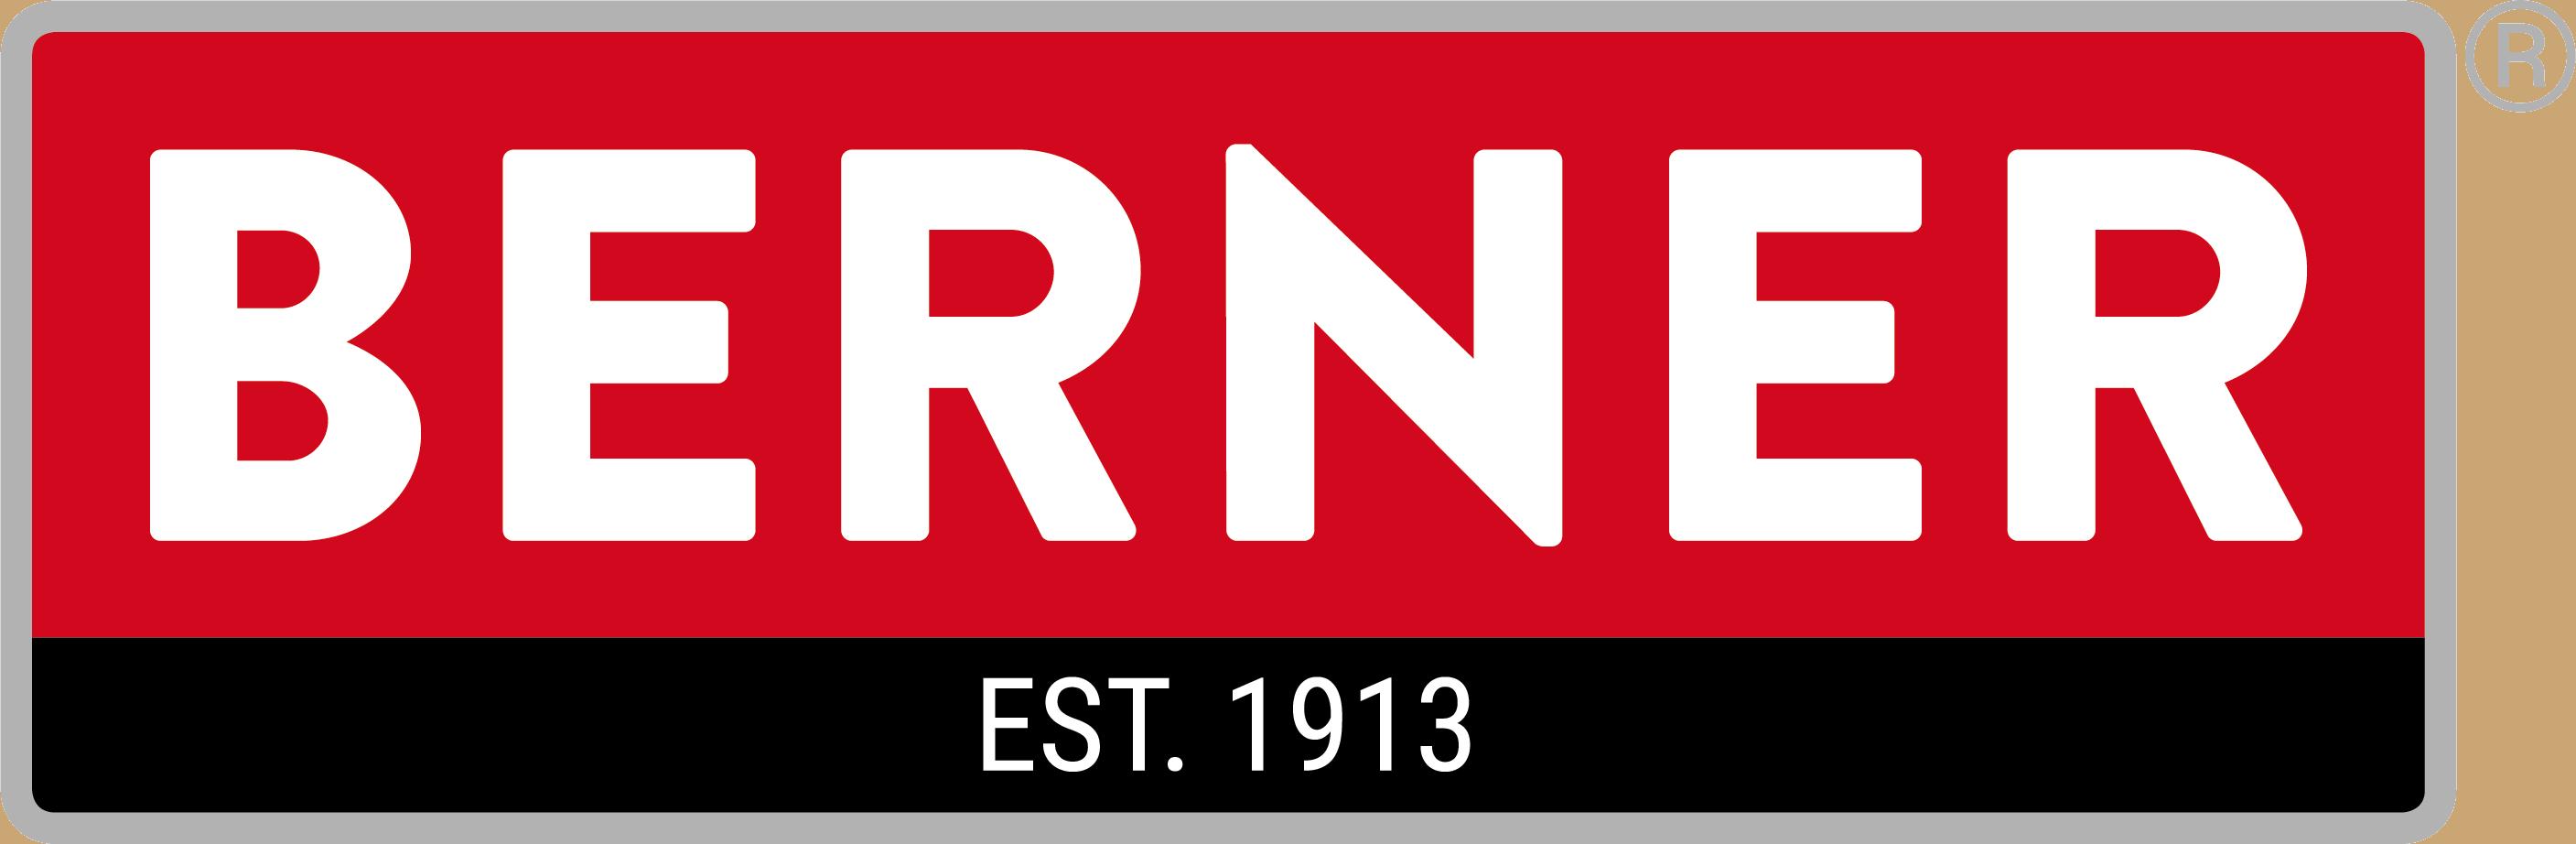 BERNER_Logo_CMYK_100%_K_Master